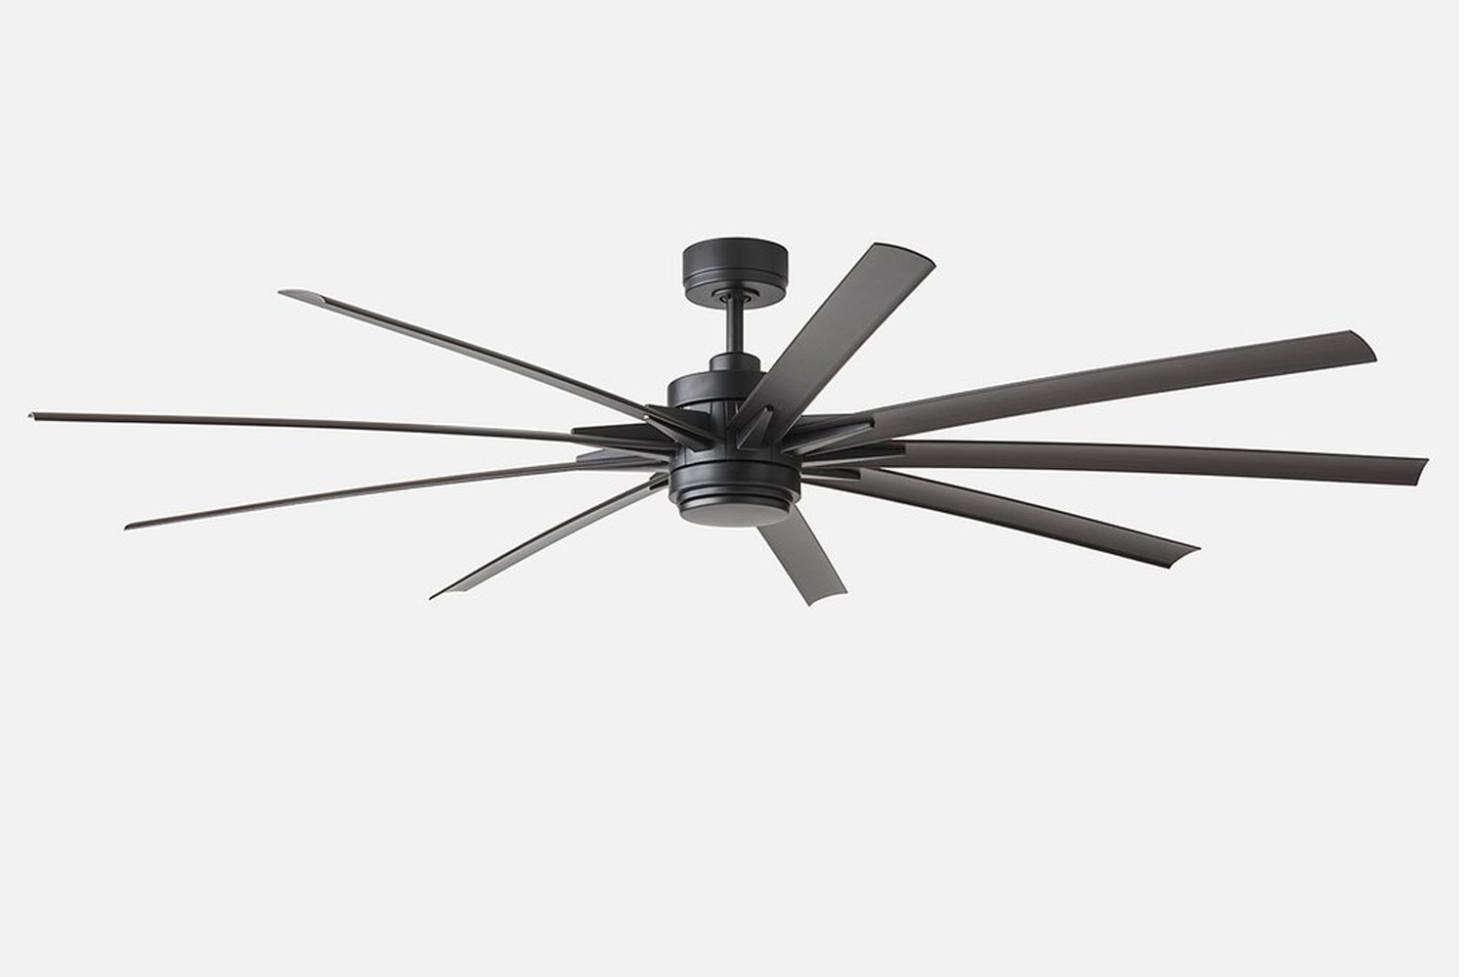 84 inch ceiling fan odyn the odyn 84inch led ceiling fan matte black is 799 at schoolhouse 10 easy pieces fans remodelista